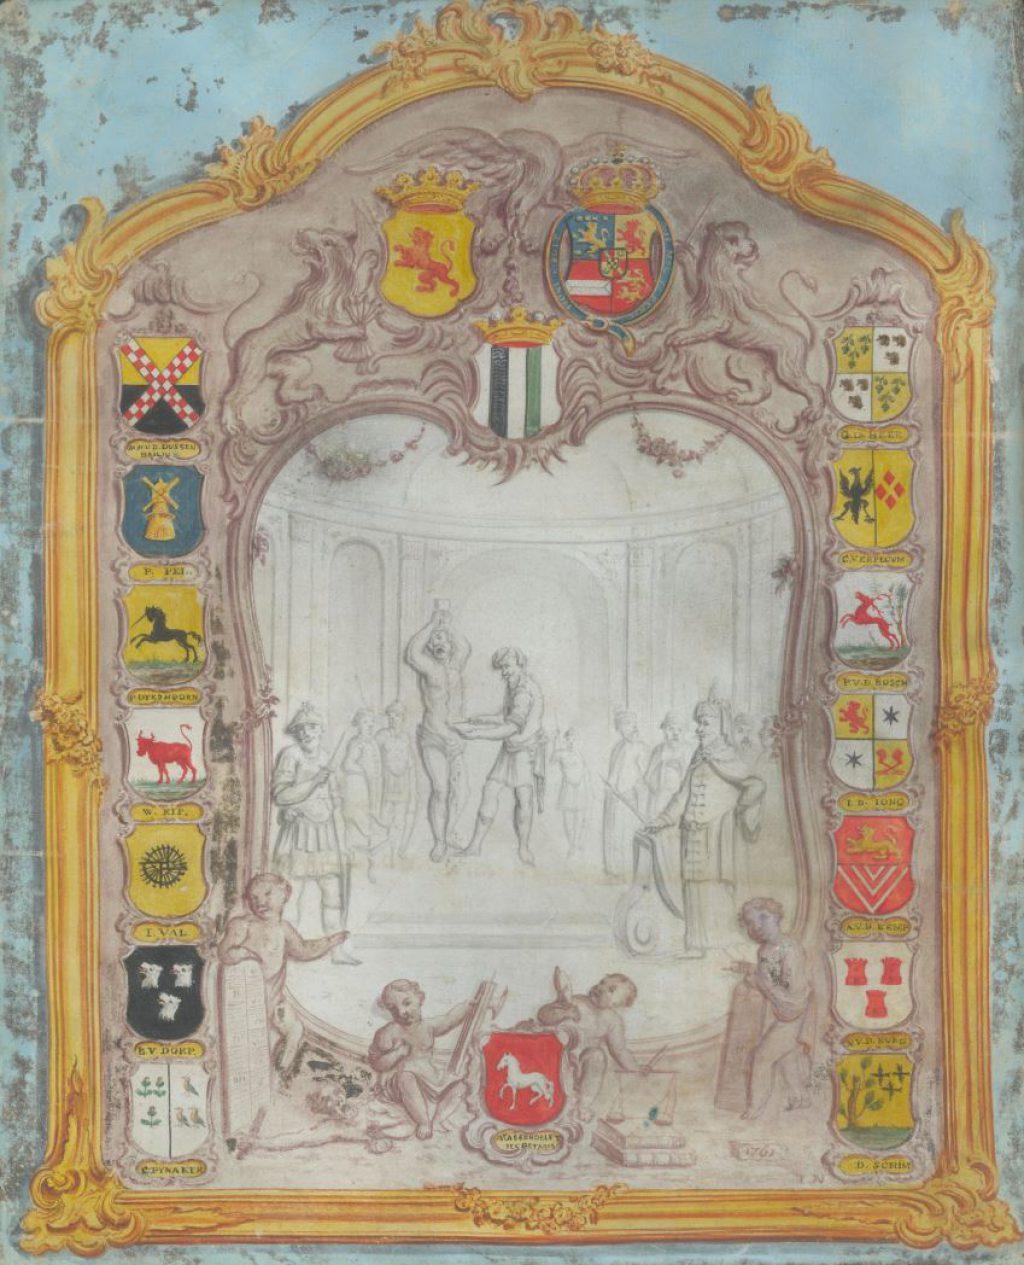 Ontwerp voor een wapenbord van de hoge vierschaar van Delfland door Jan Notemans, 1761 (TMS 69407)